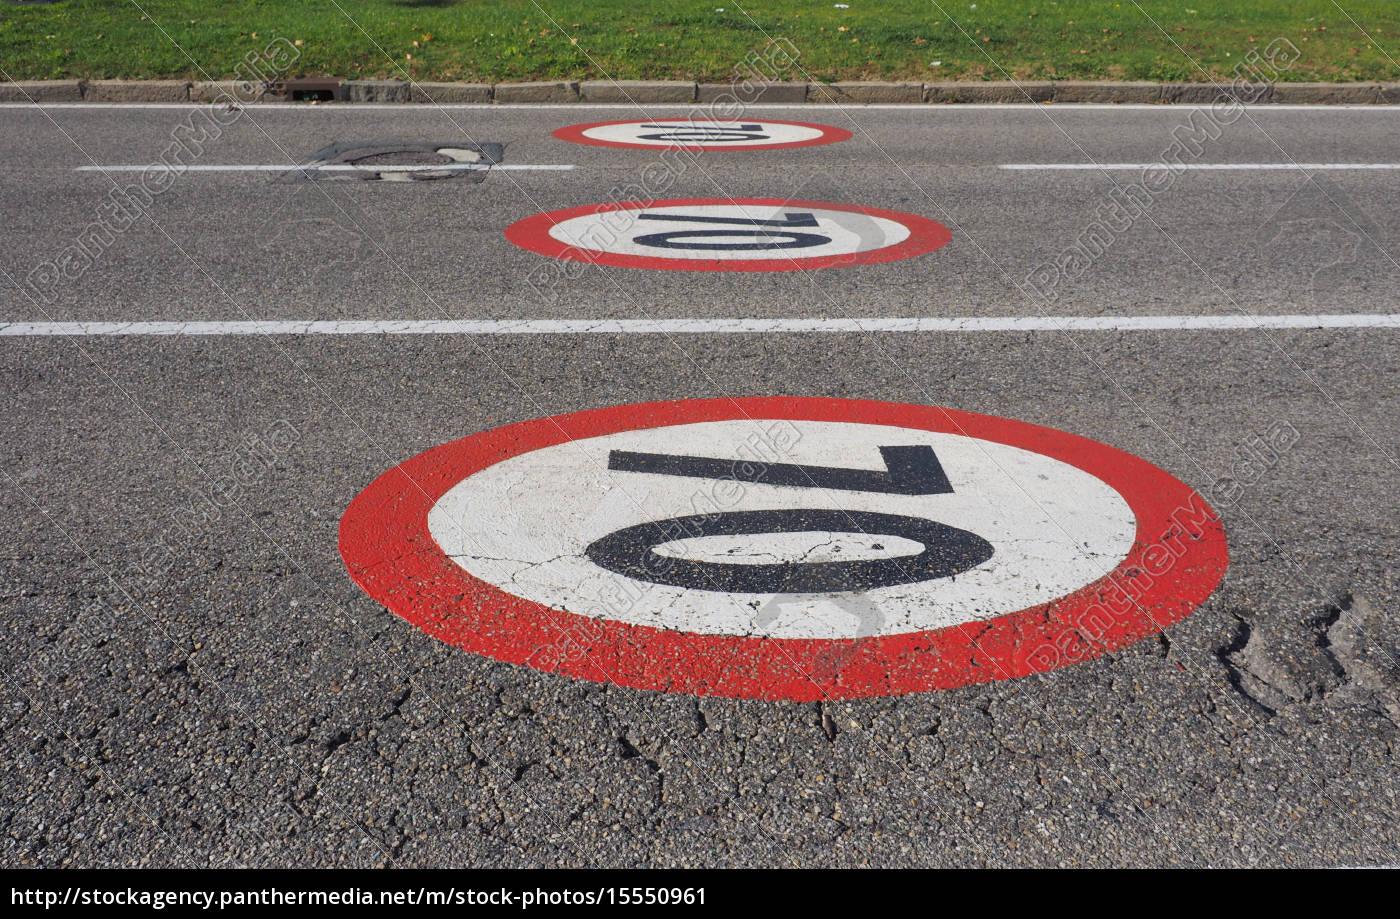 höchstgeschwindigkeit, zeichen - 15550961